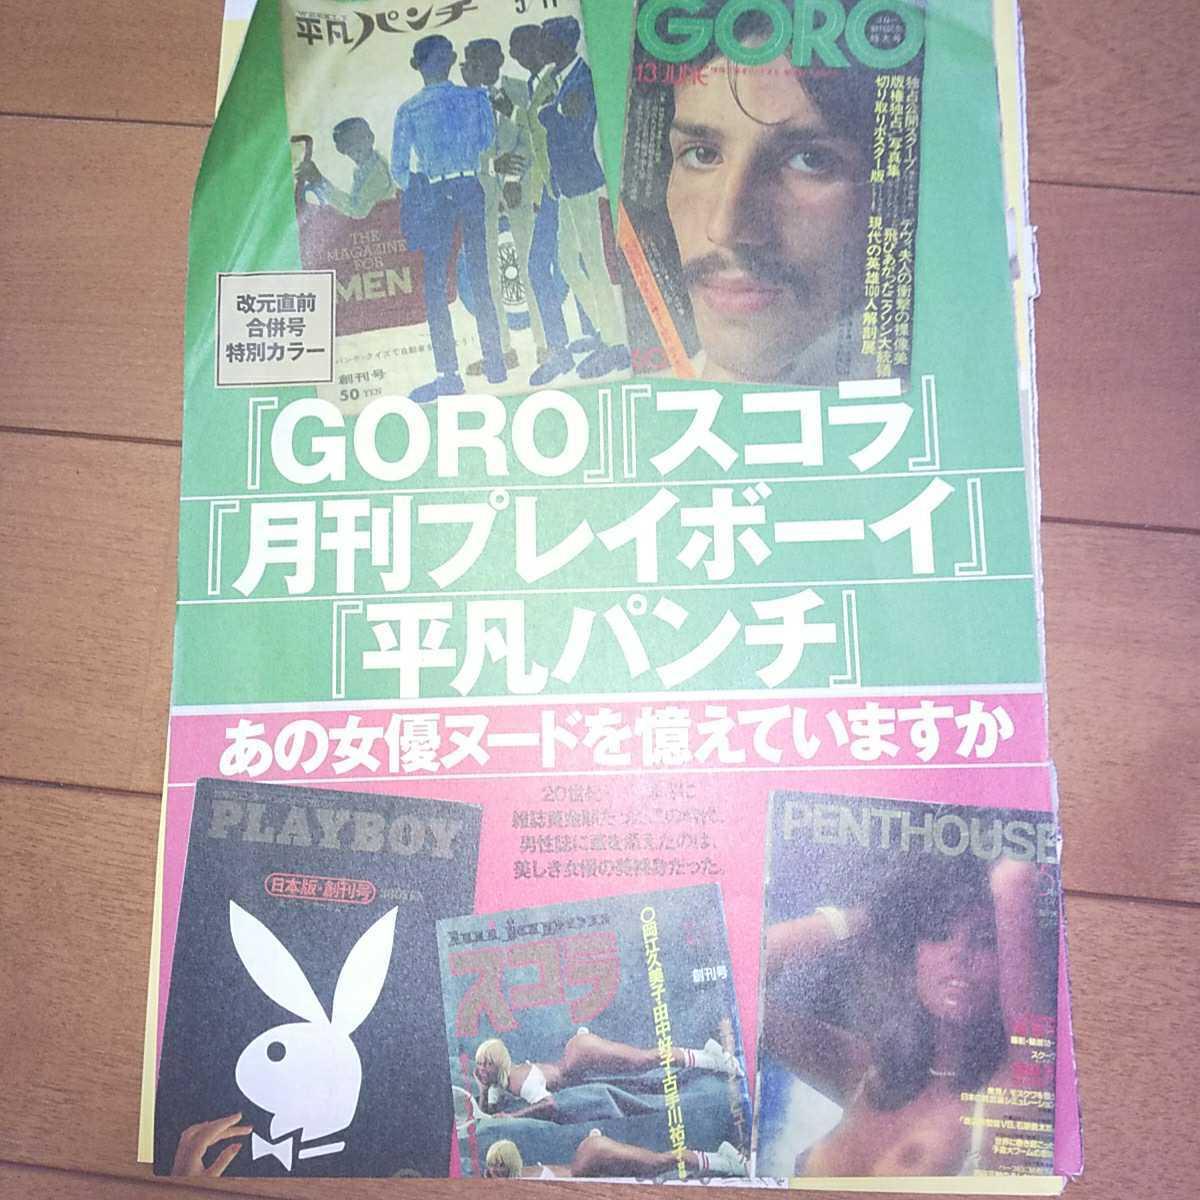 【雑誌切り抜き】 『GORO』『スコラ』『月刊プレイボーイ』『平凡パンチ』あの女優ヌードを憶えていますか 8P_画像1